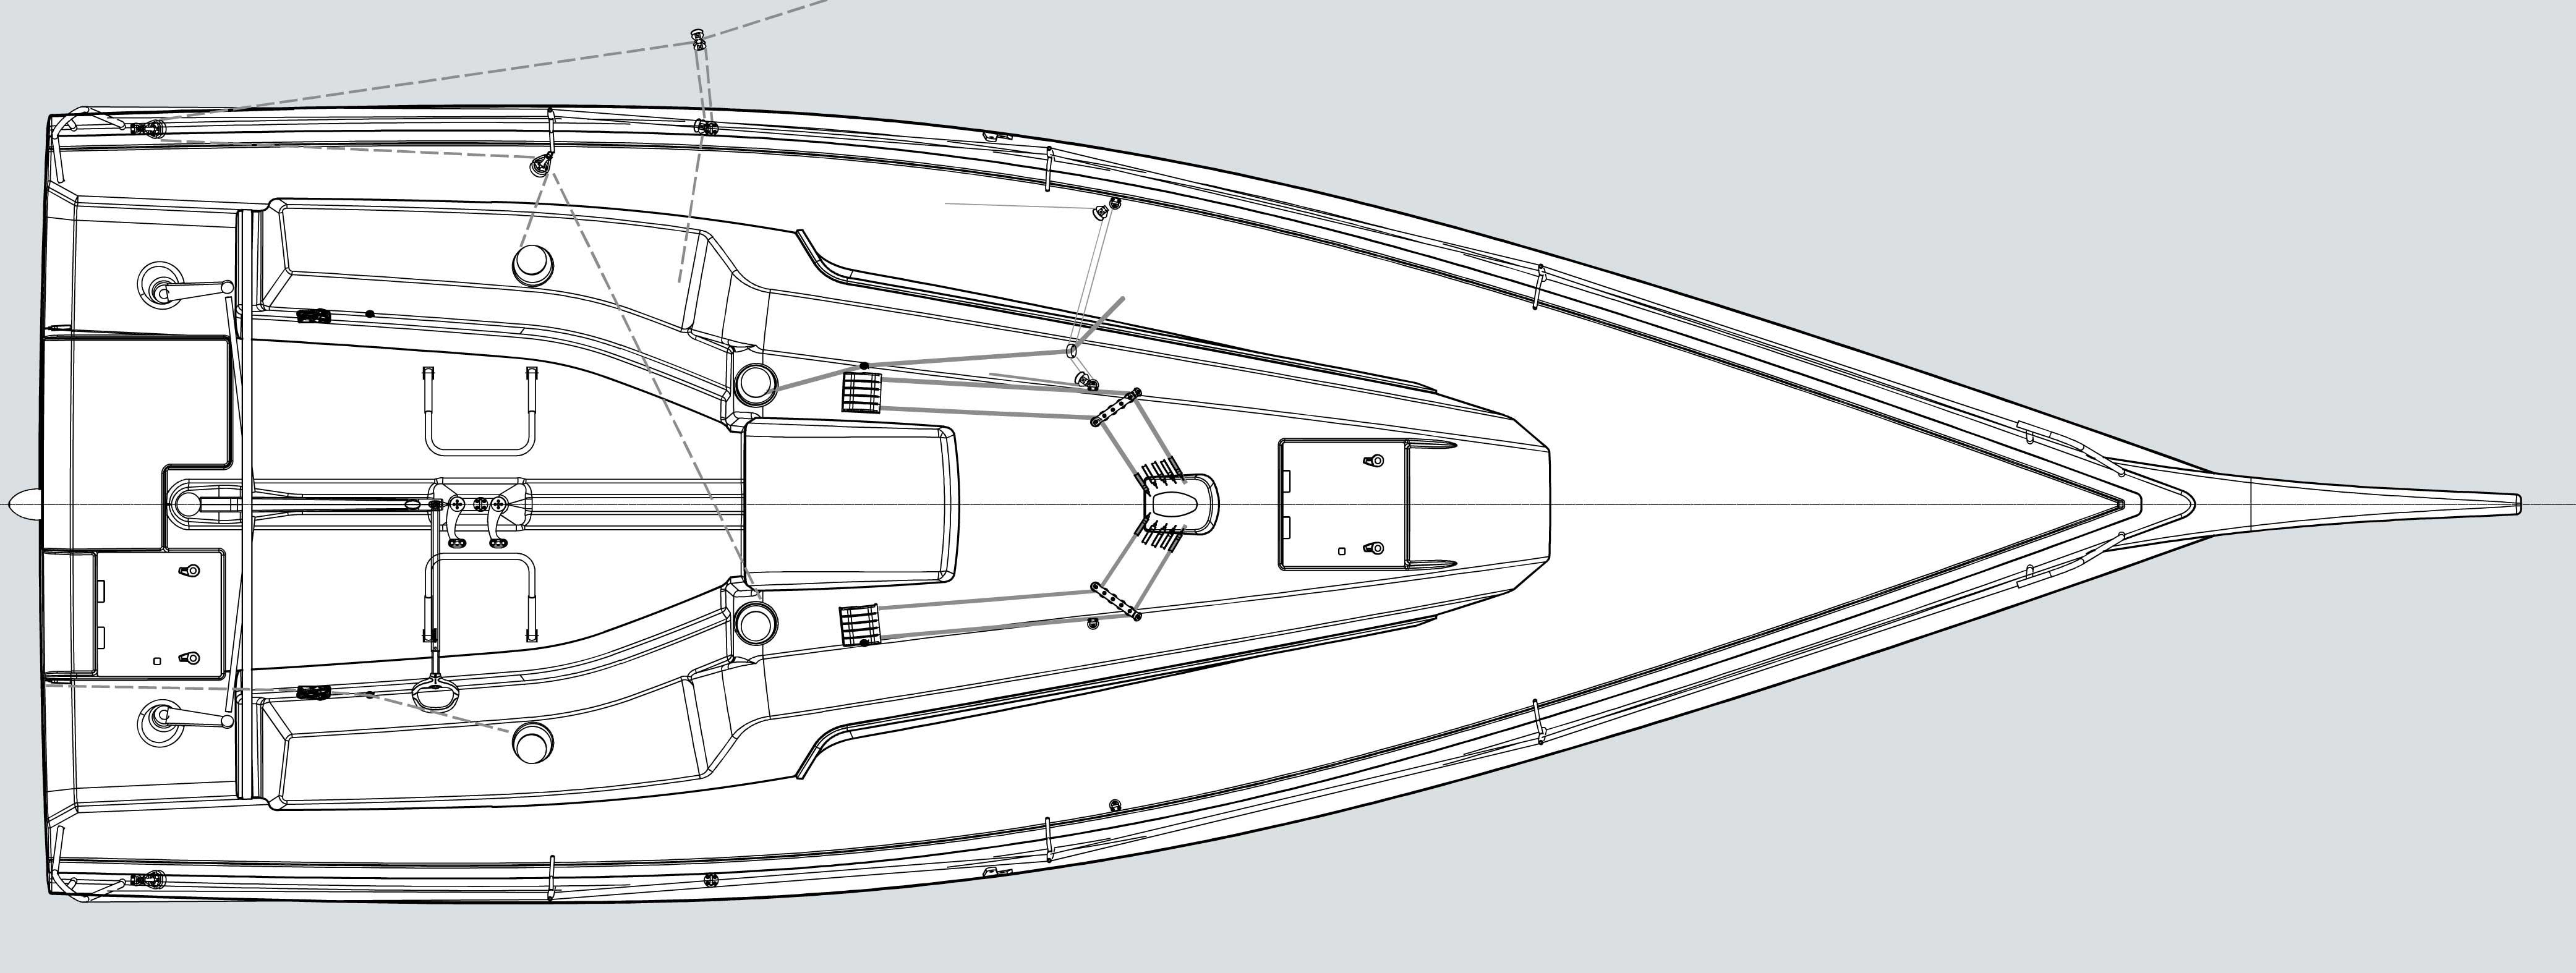 Dehler-30-od-deckplan.jpg